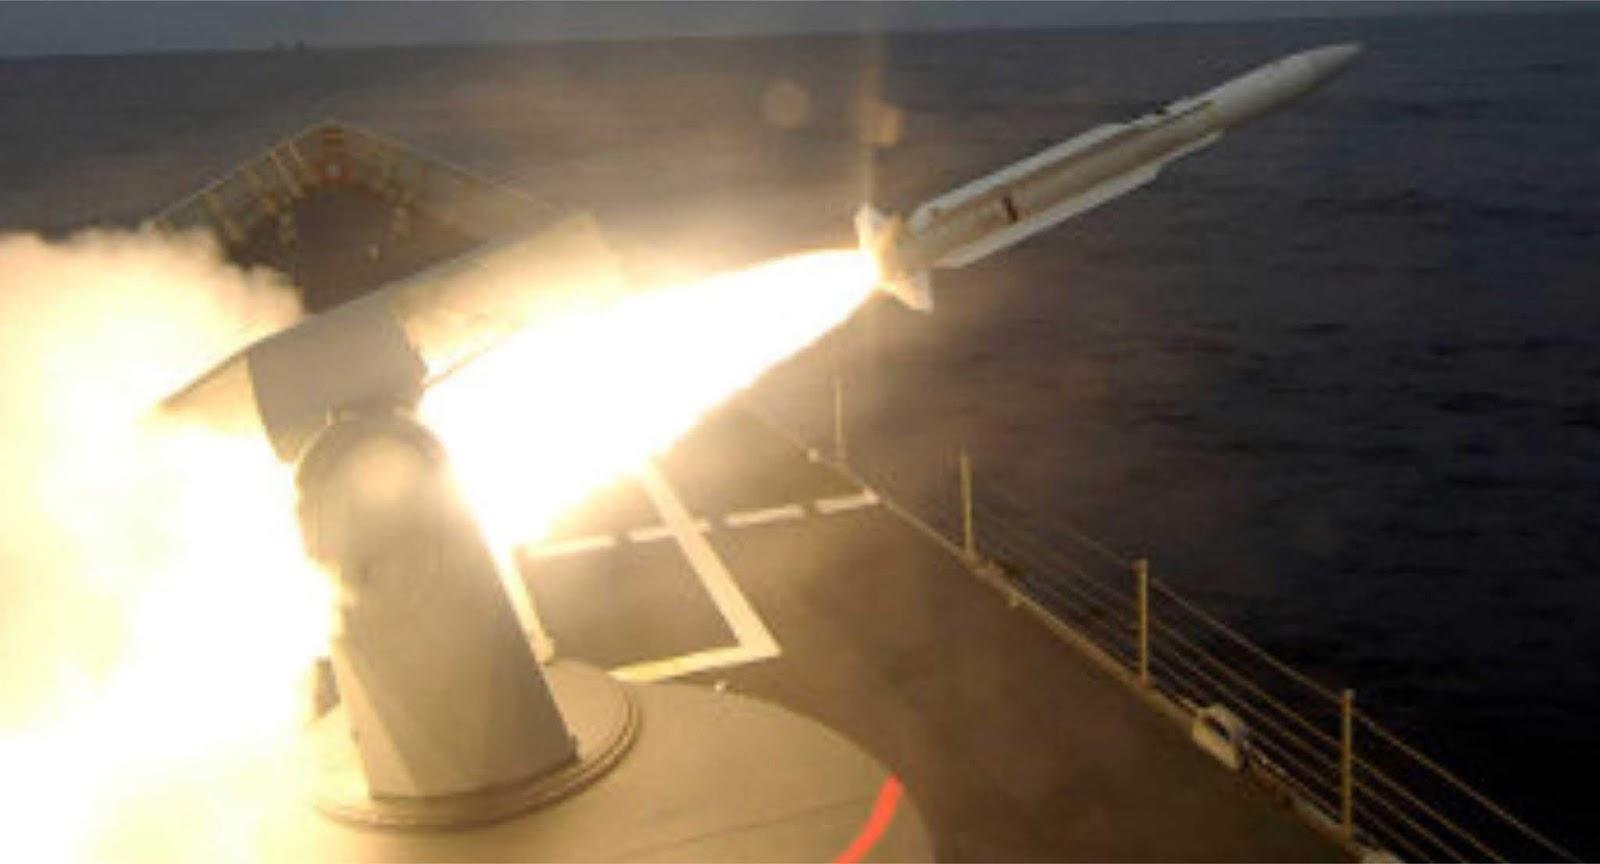 Amerika Serikat menyetujui pasokan SM-2 Korea Selatan